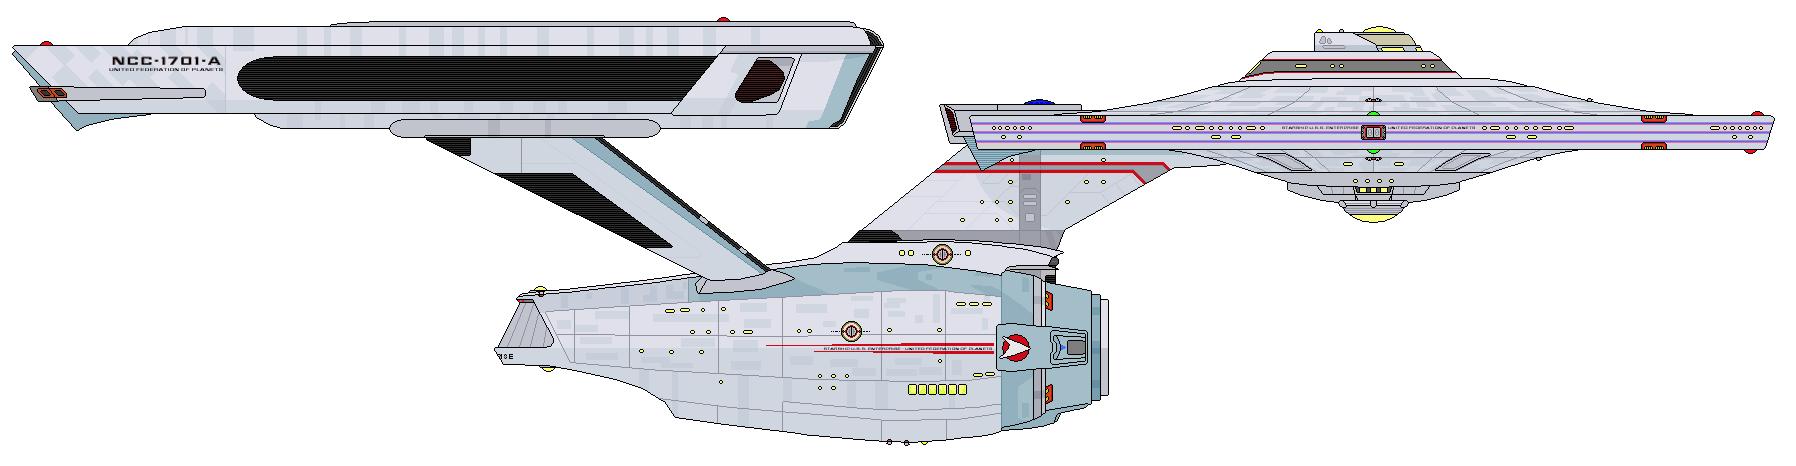 Uss Enterprise K Sides Profil By Thraxllisylia On Deviantart Star Trek Art Star Trek Starships Uss Enterprise